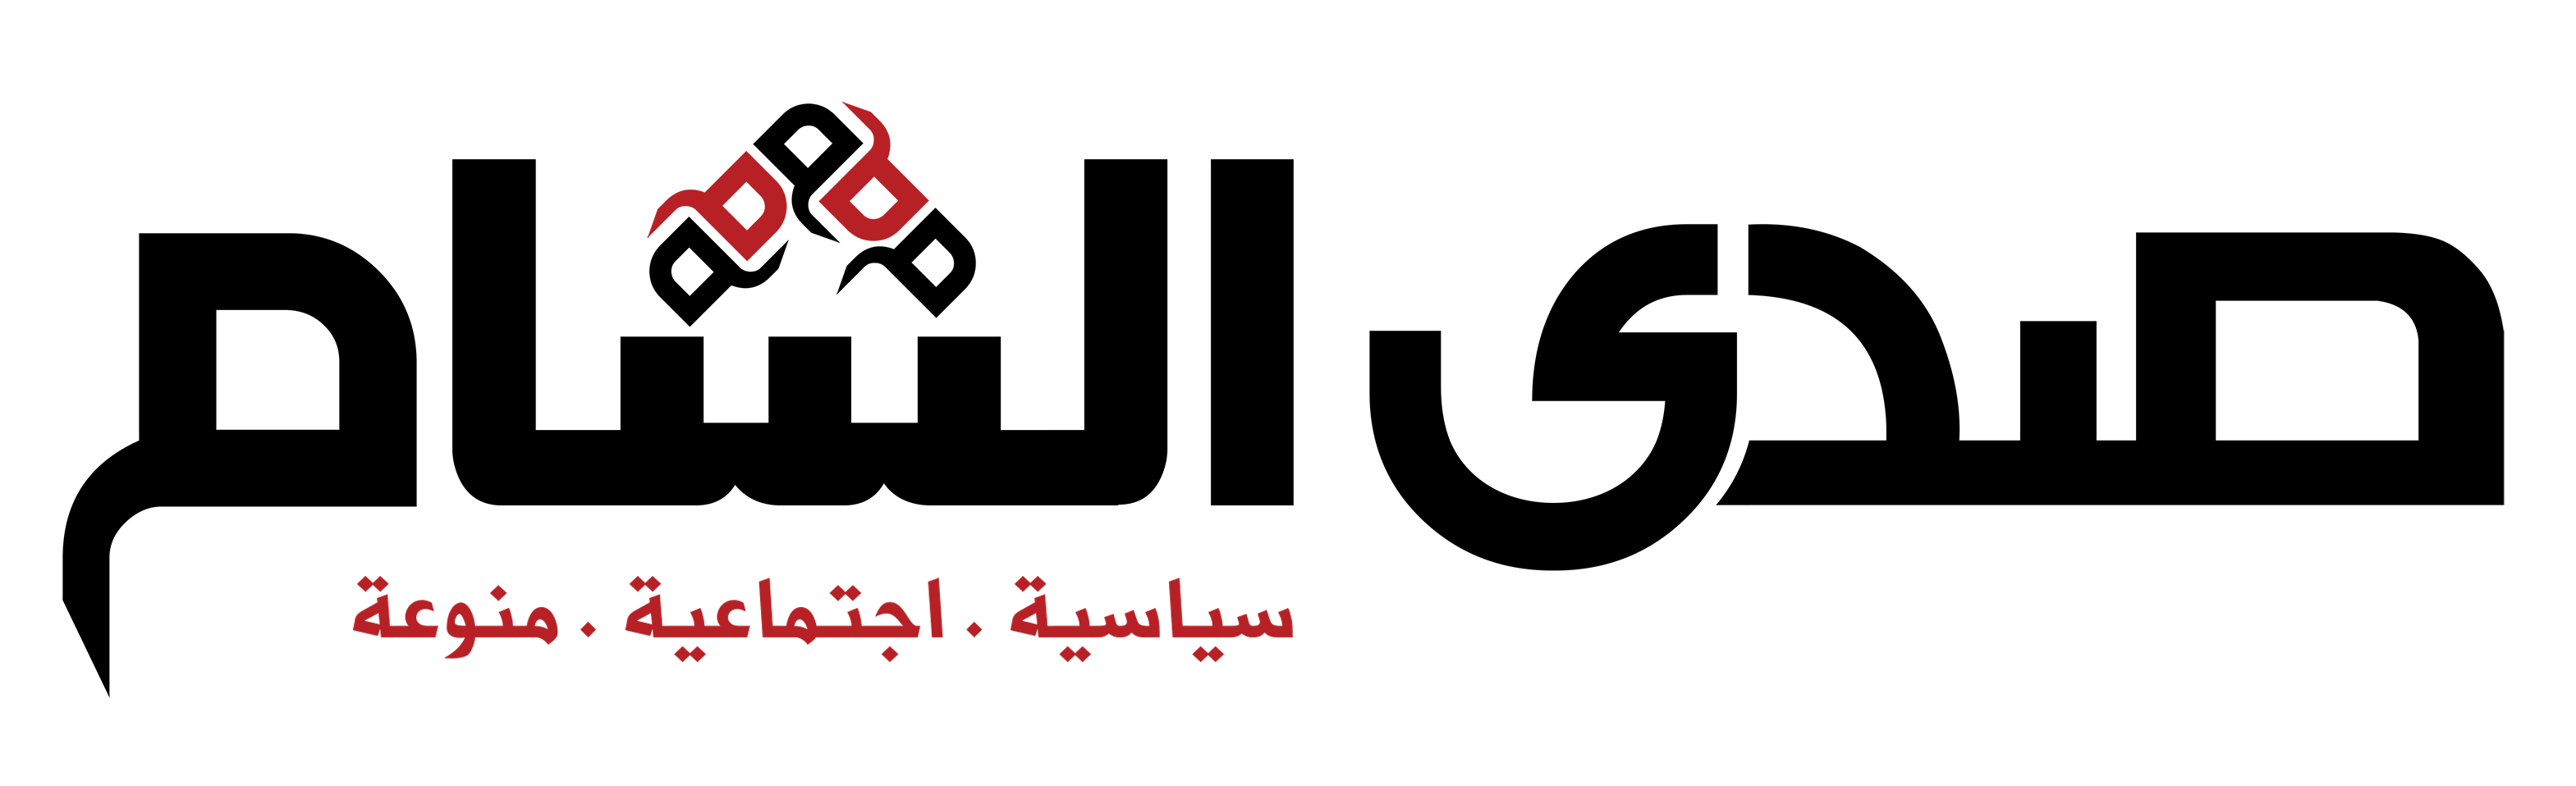 موقع جريدة صدى الشام – Sadaa Al-Sham